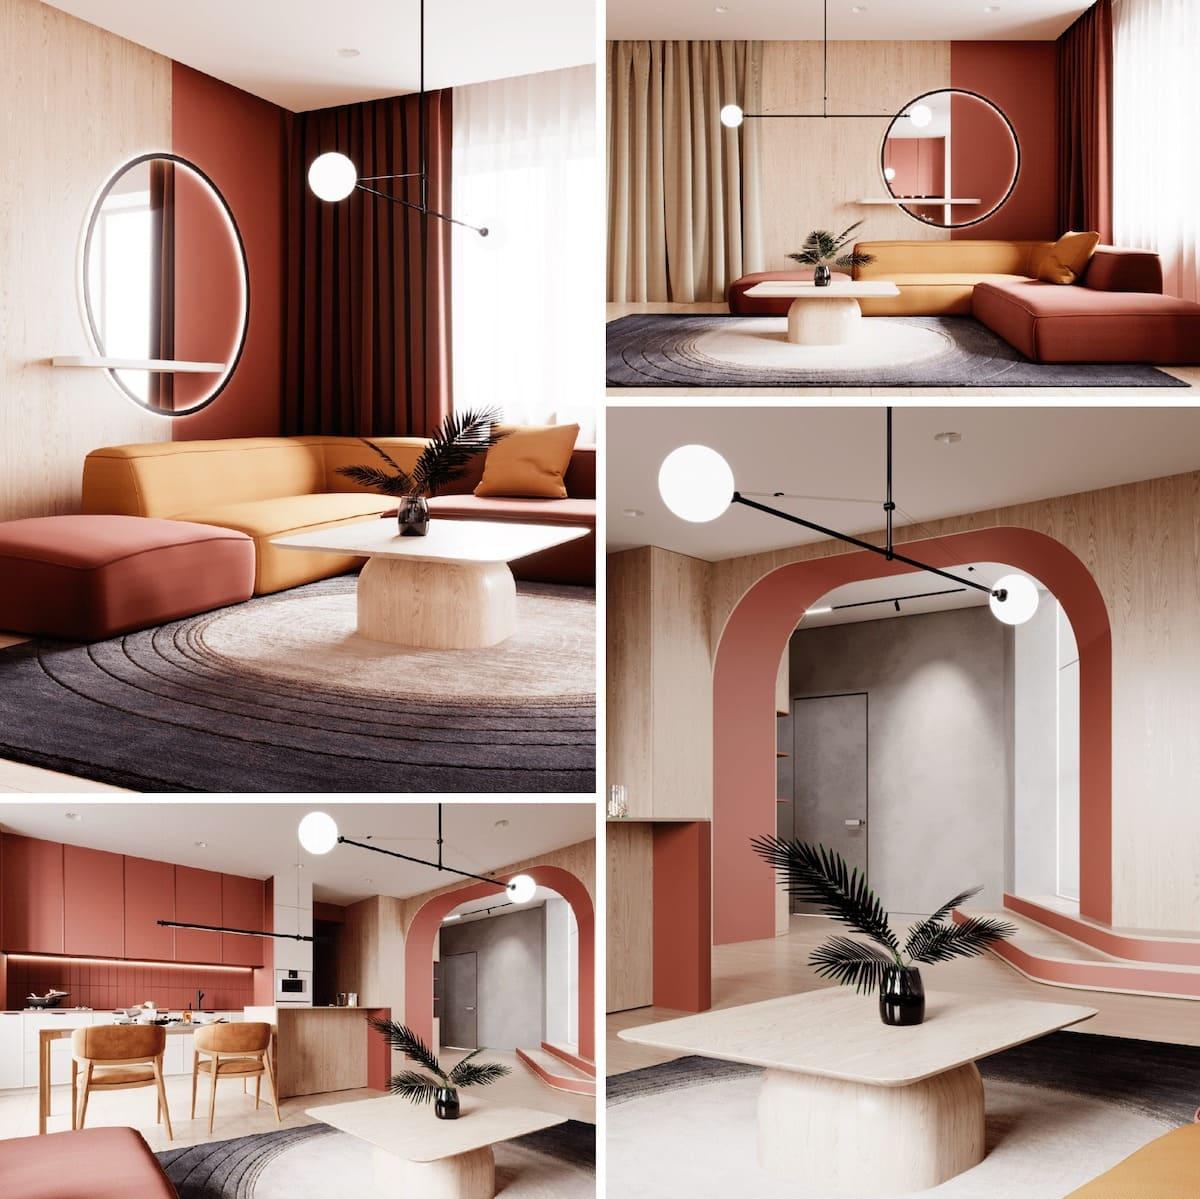 модный дизайн интерьера фото 56